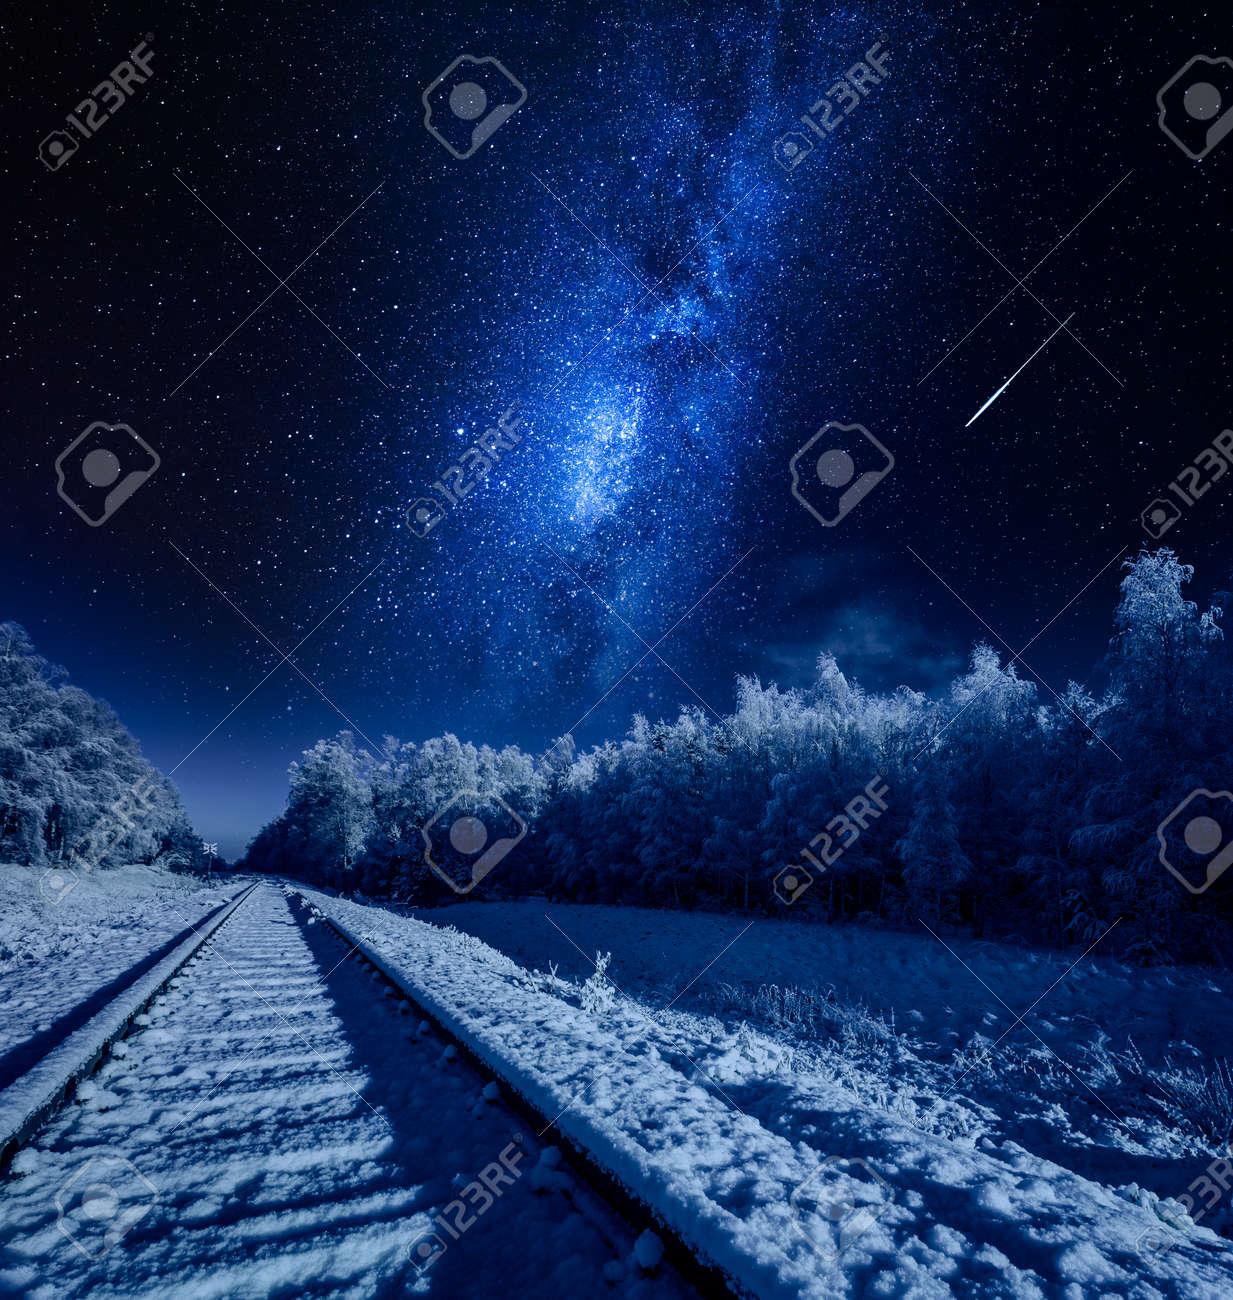 Milky way over frozen railway line in winter at night - 115297796